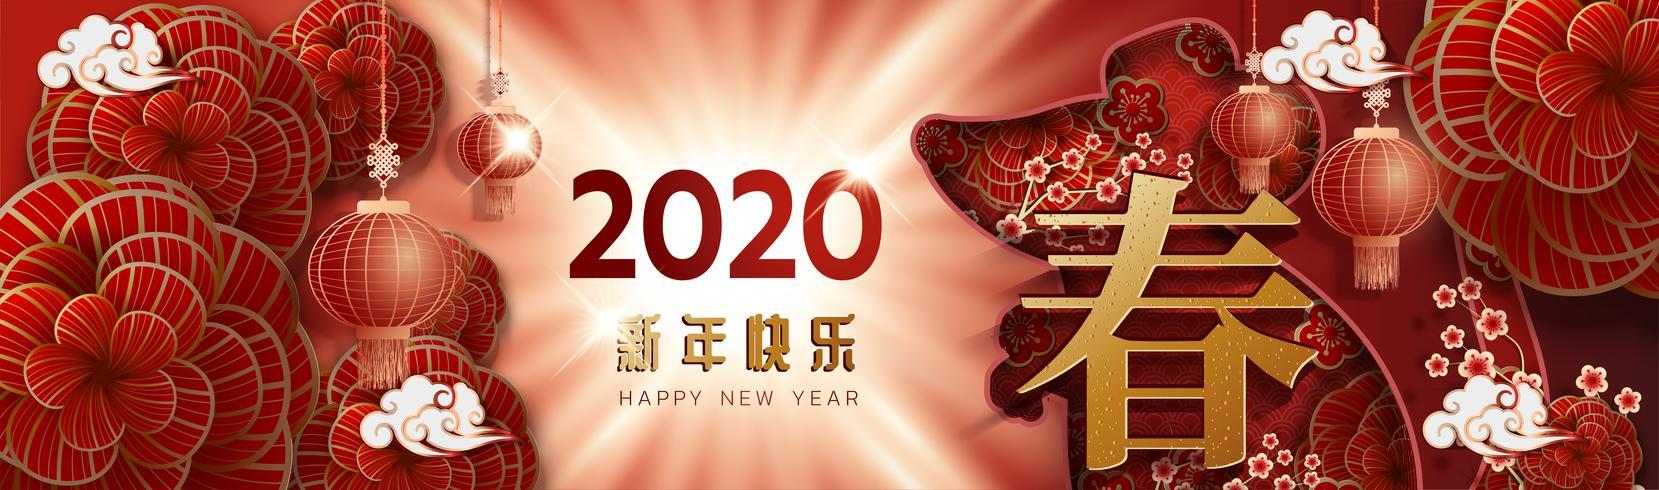 Cartolina d'auguri del segno dello zodiaco cinese di nuovo anno 2020 vettore